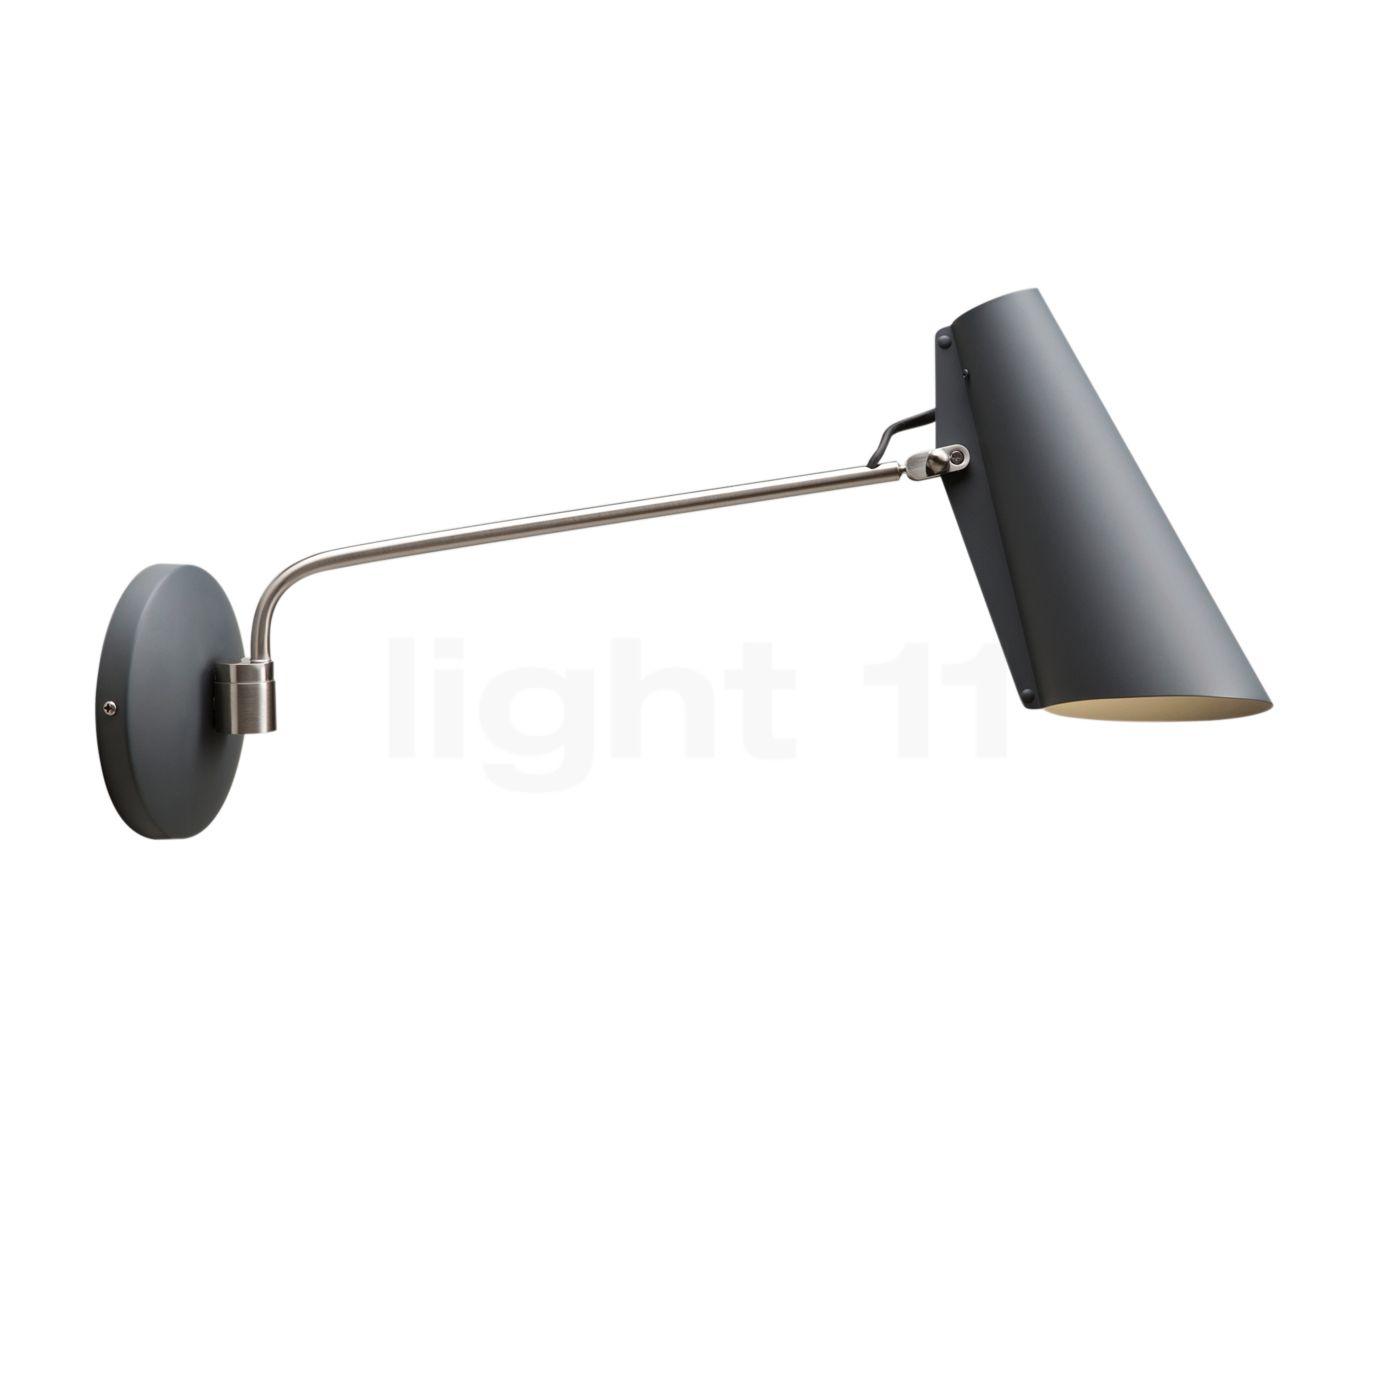 bewegliche wandlampe amazing wandleuchte cult in schwarz schwenkbar und beweglich with. Black Bedroom Furniture Sets. Home Design Ideas